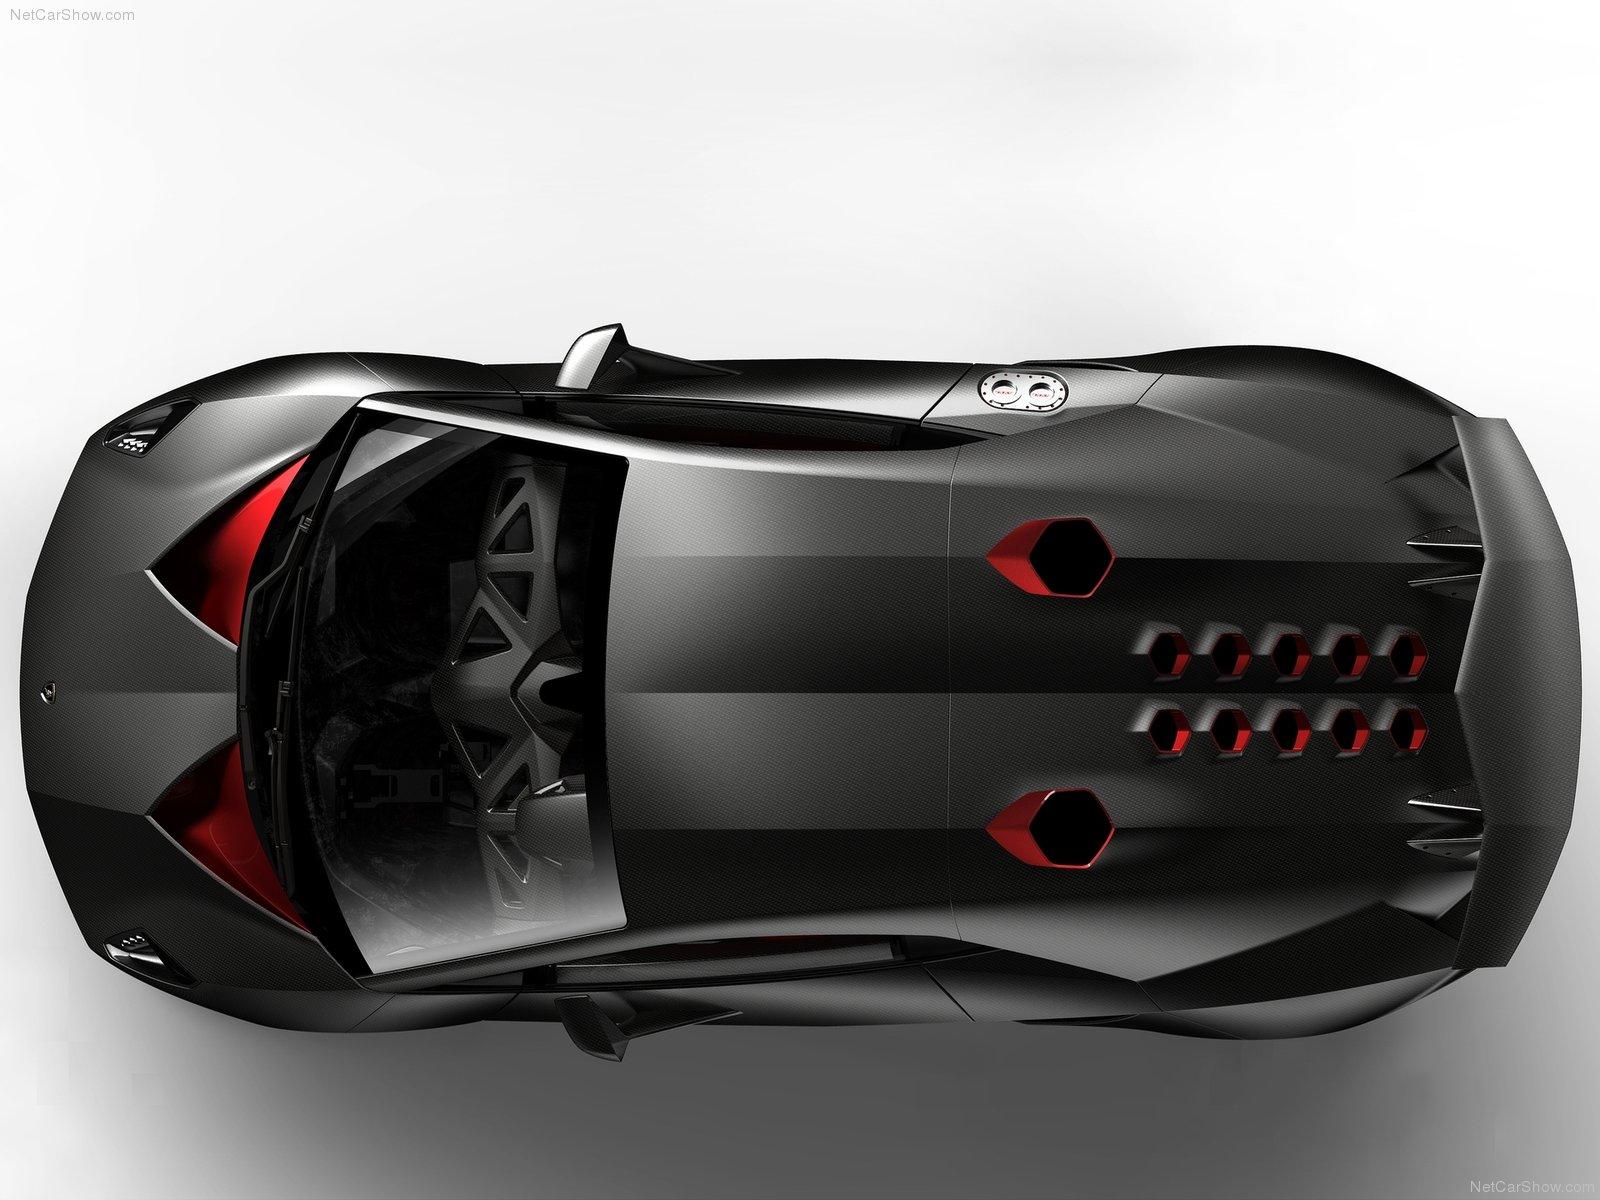 http://2.bp.blogspot.com/-QTQ880RsTqY/Ti-__9kBV8I/AAAAAAAABdk/kdO2bDN-Ajg/s1600/Lamborghini%2BSesto%2BElemento%2Bwallpaper%2B04.jpg